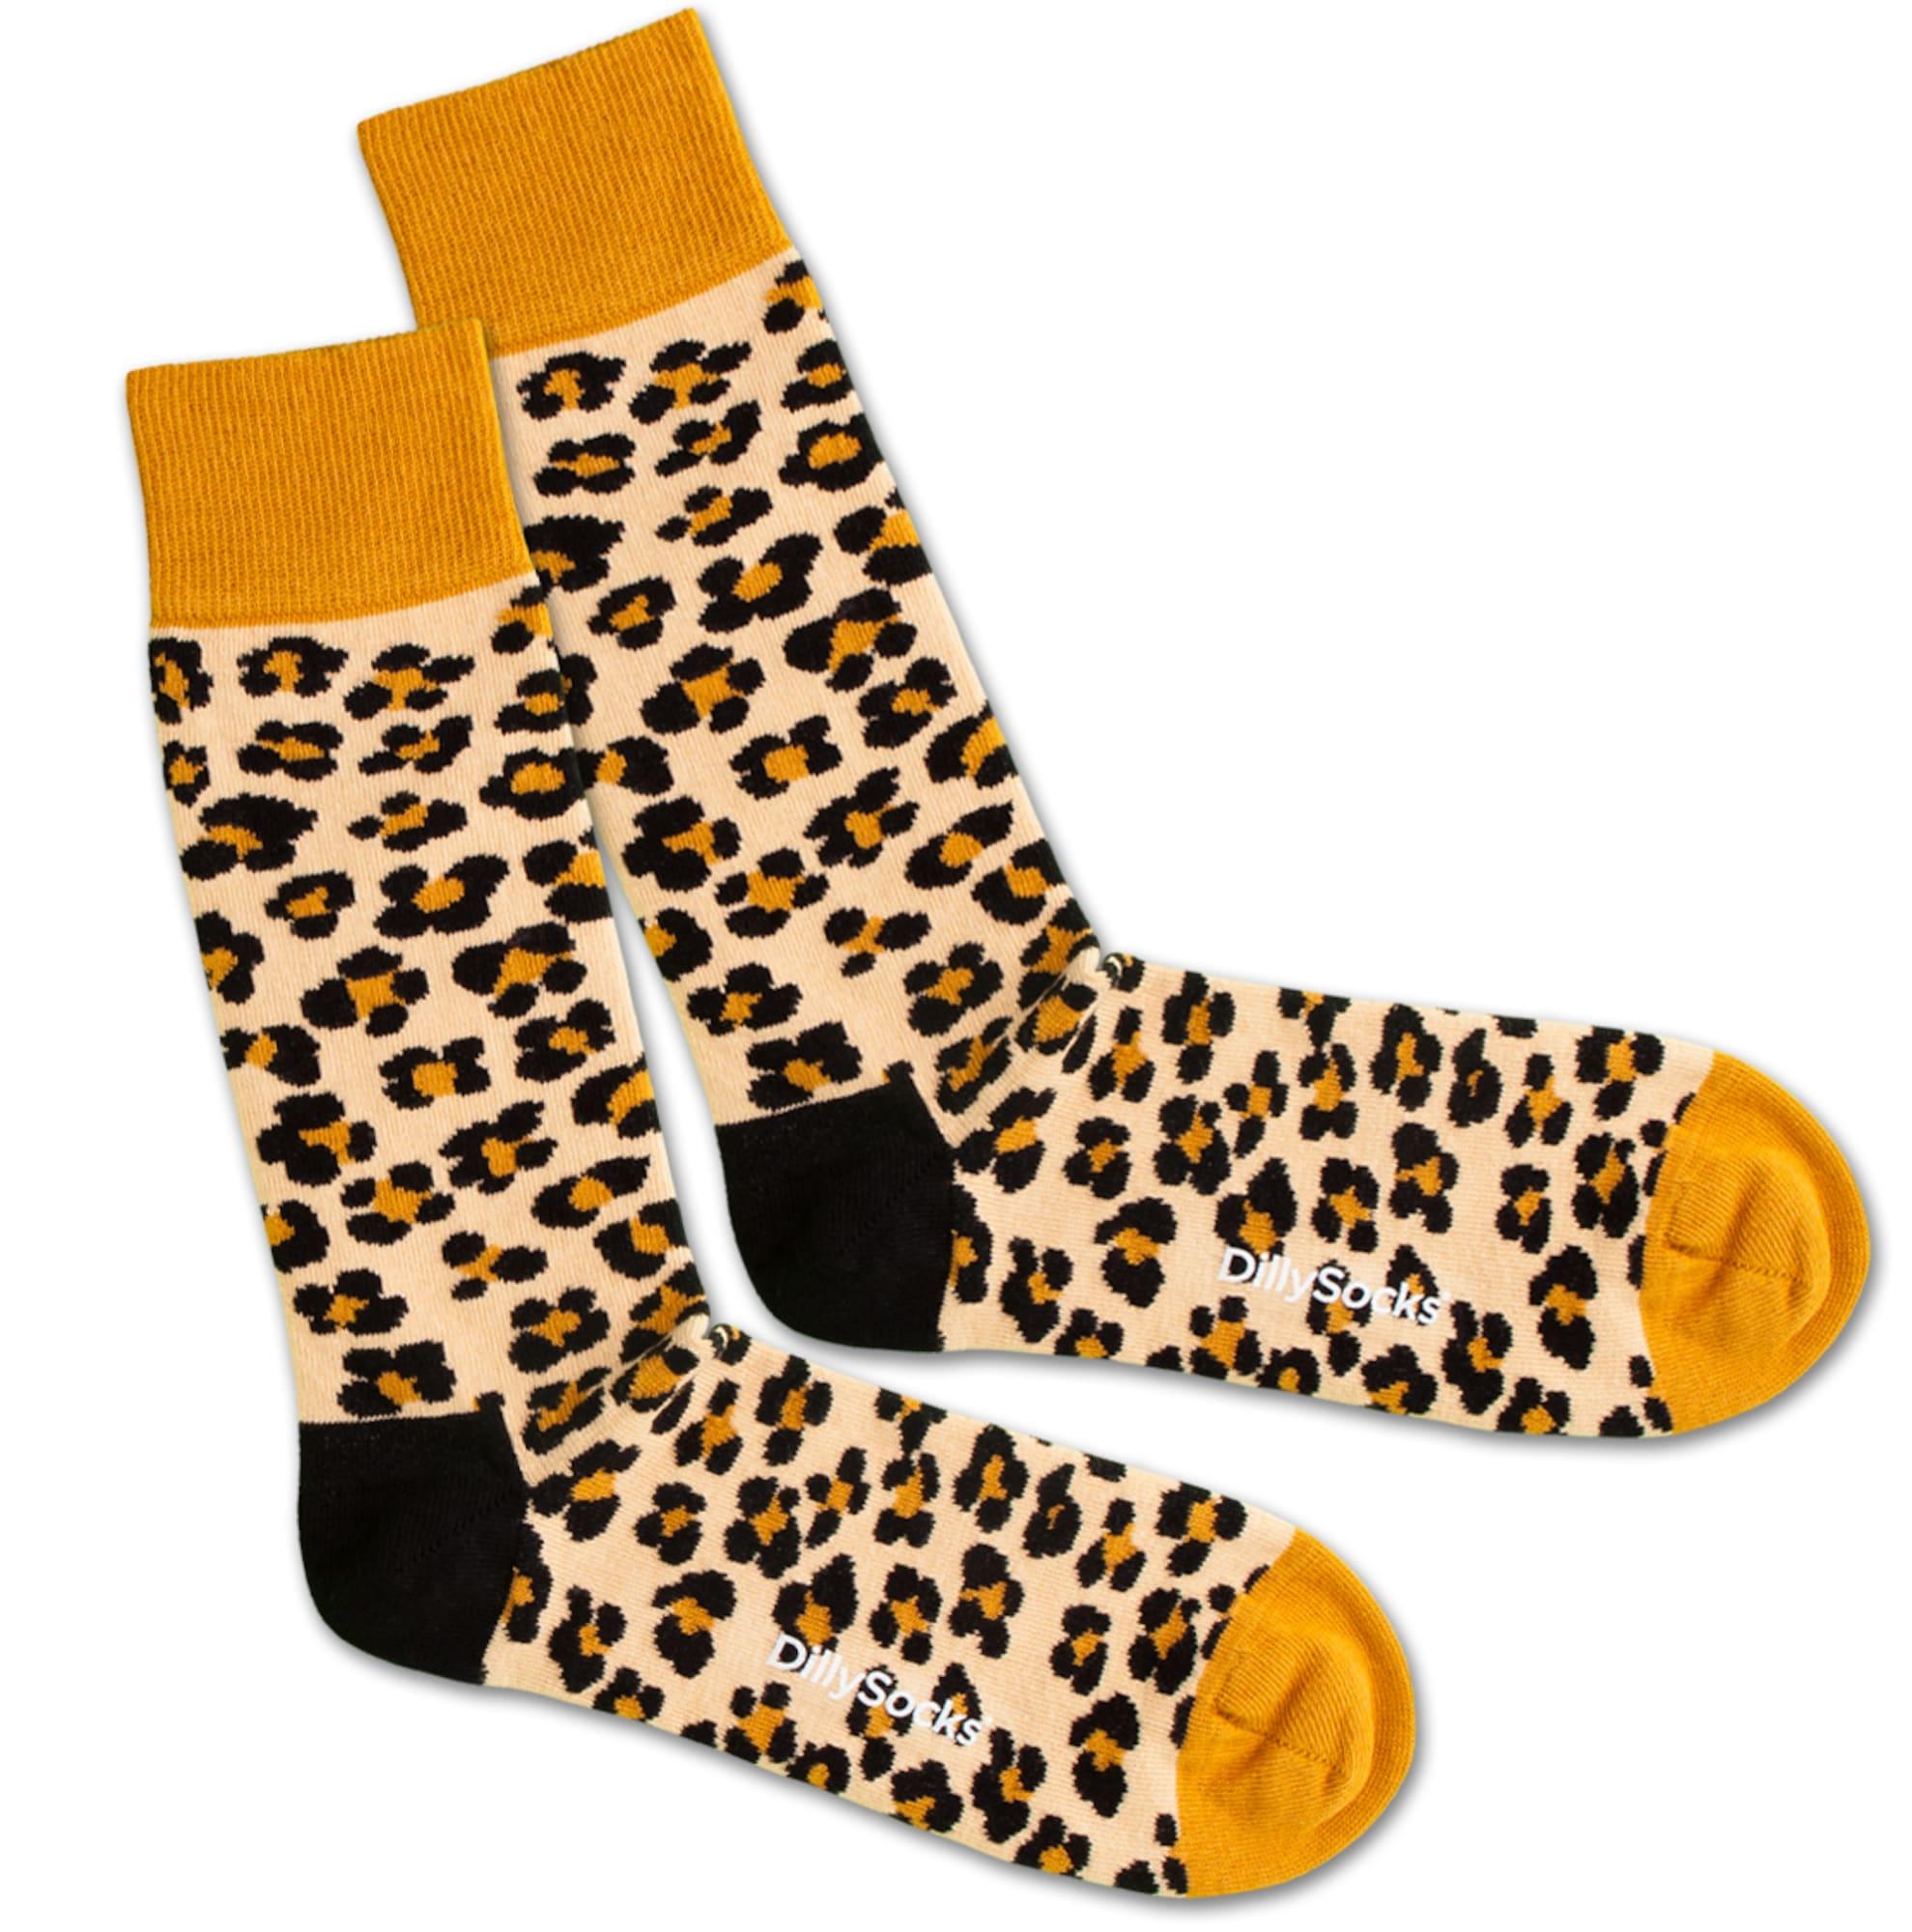 Ponožky Leopard Skin béžová hnědá DillySocks